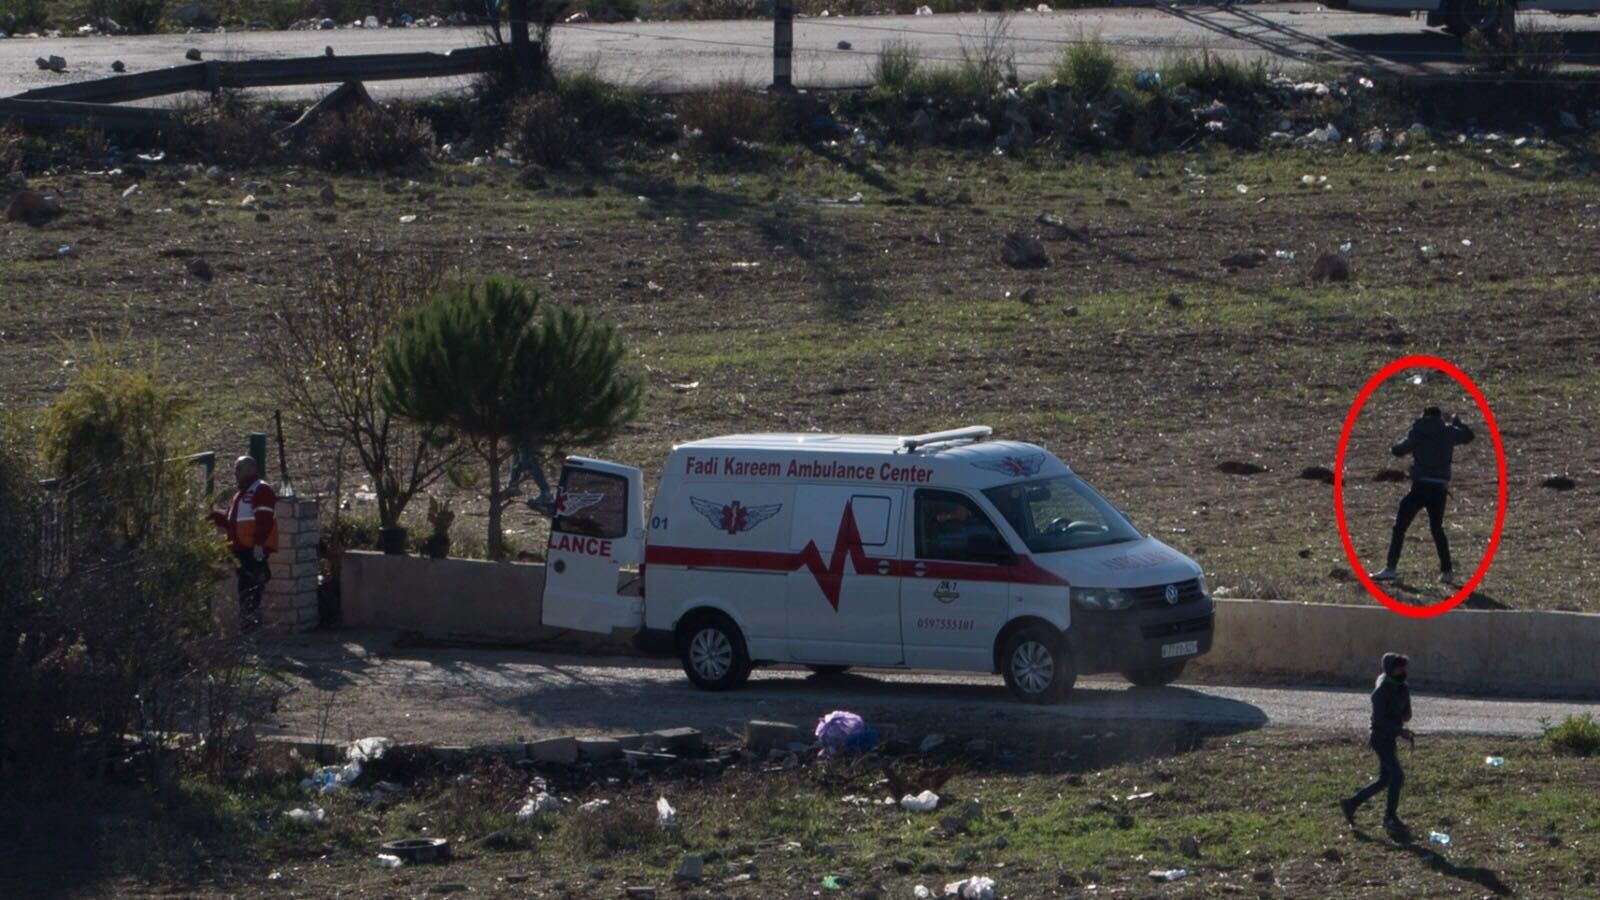 Palestinske steinkastere bruker ambulansen som skjold mens de kaster stein på israelske styrker. (Foto: IDF)